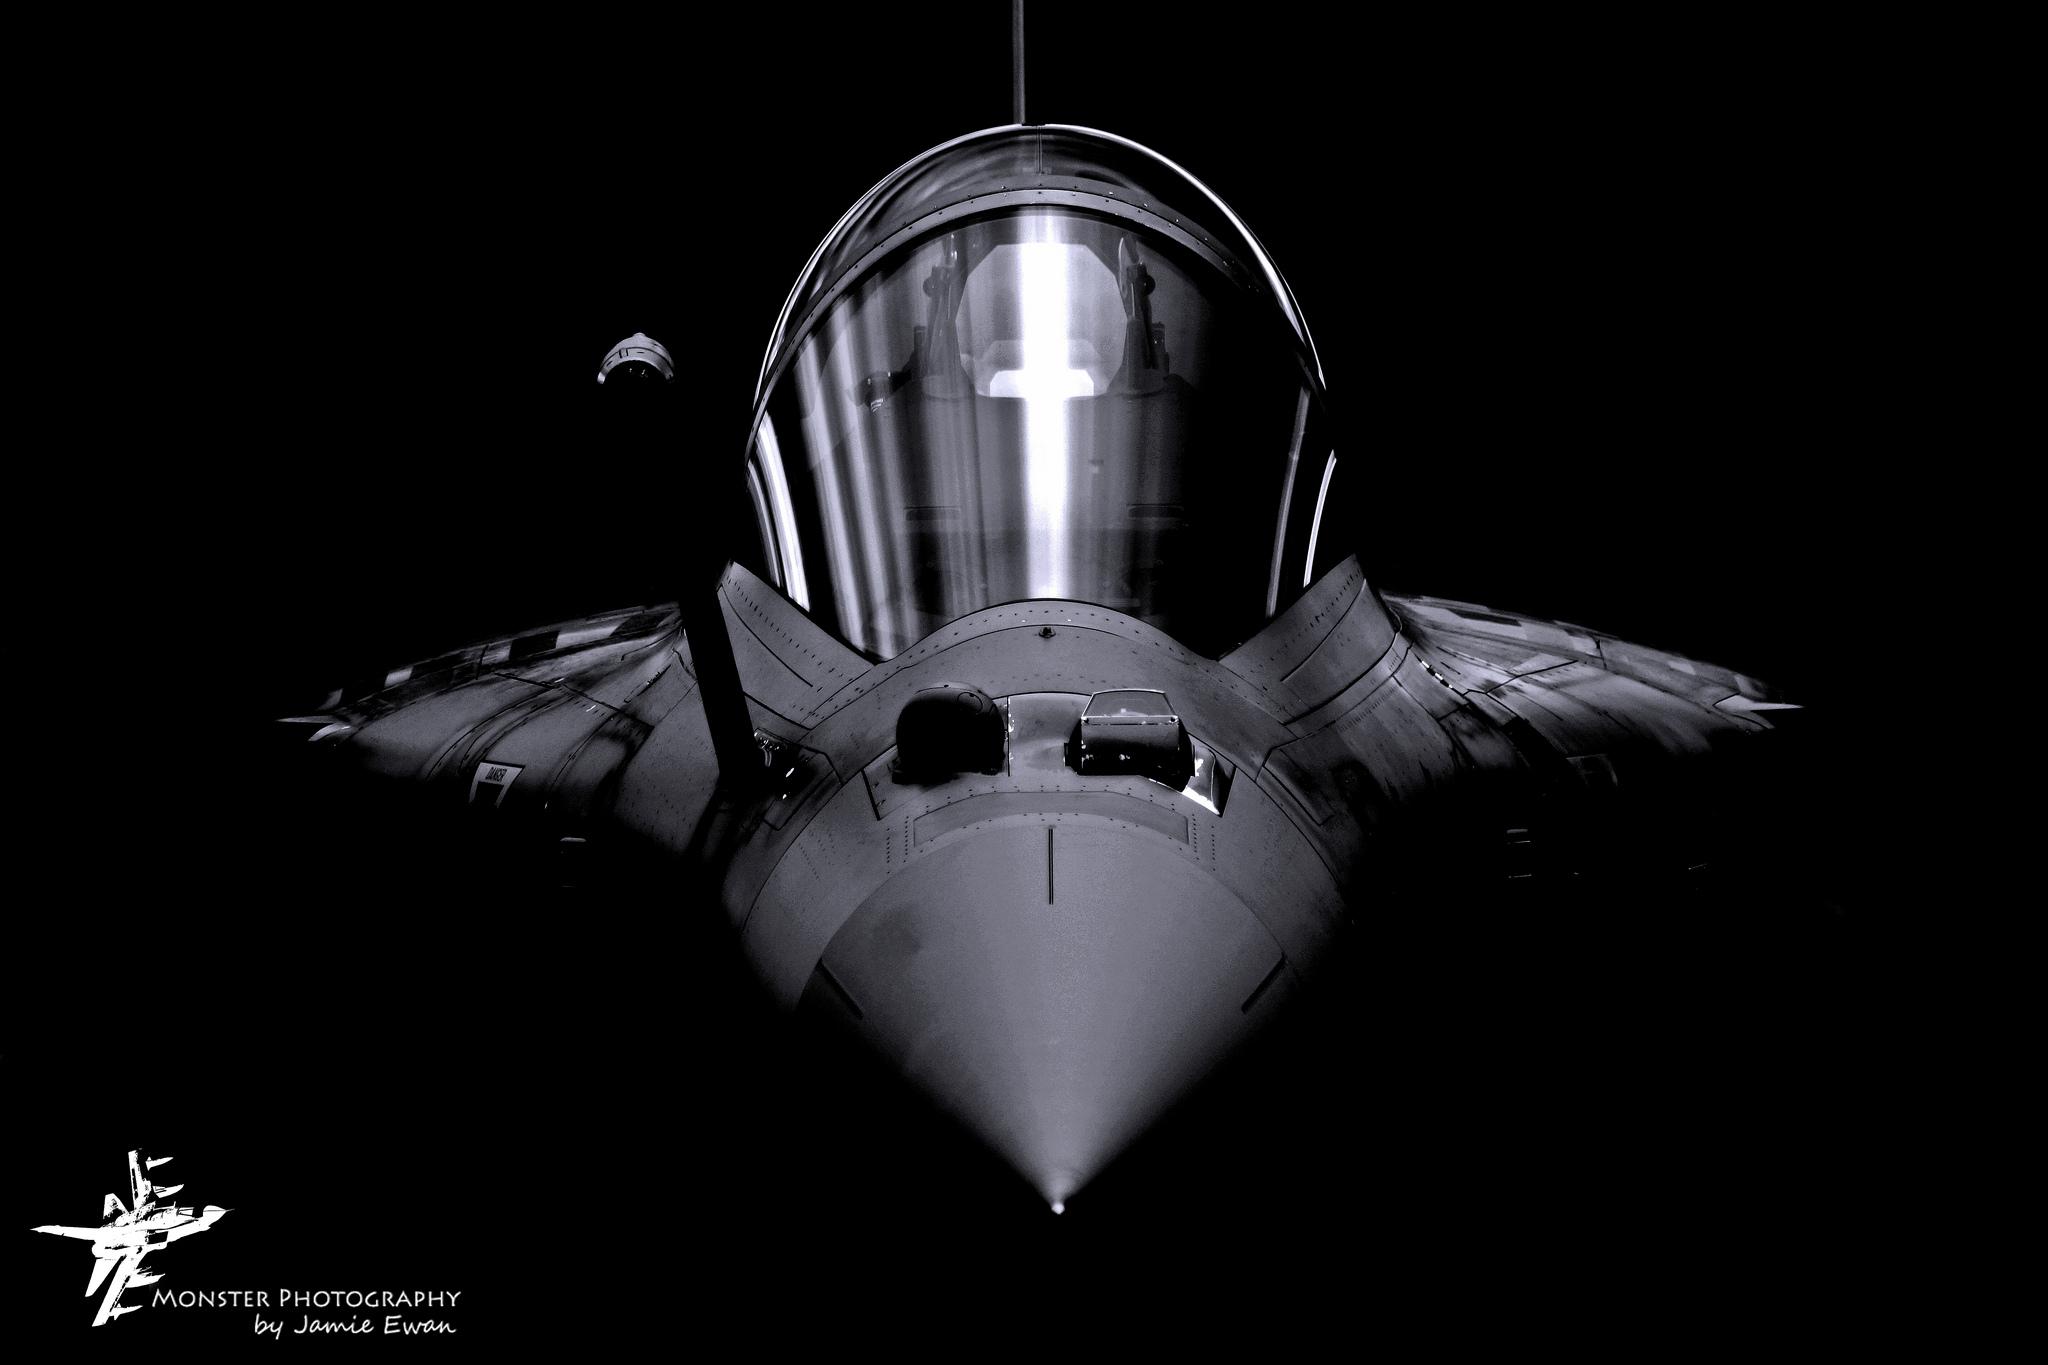 Dassault Rafale 113940_684759647_Dassault%20Rafale%20275